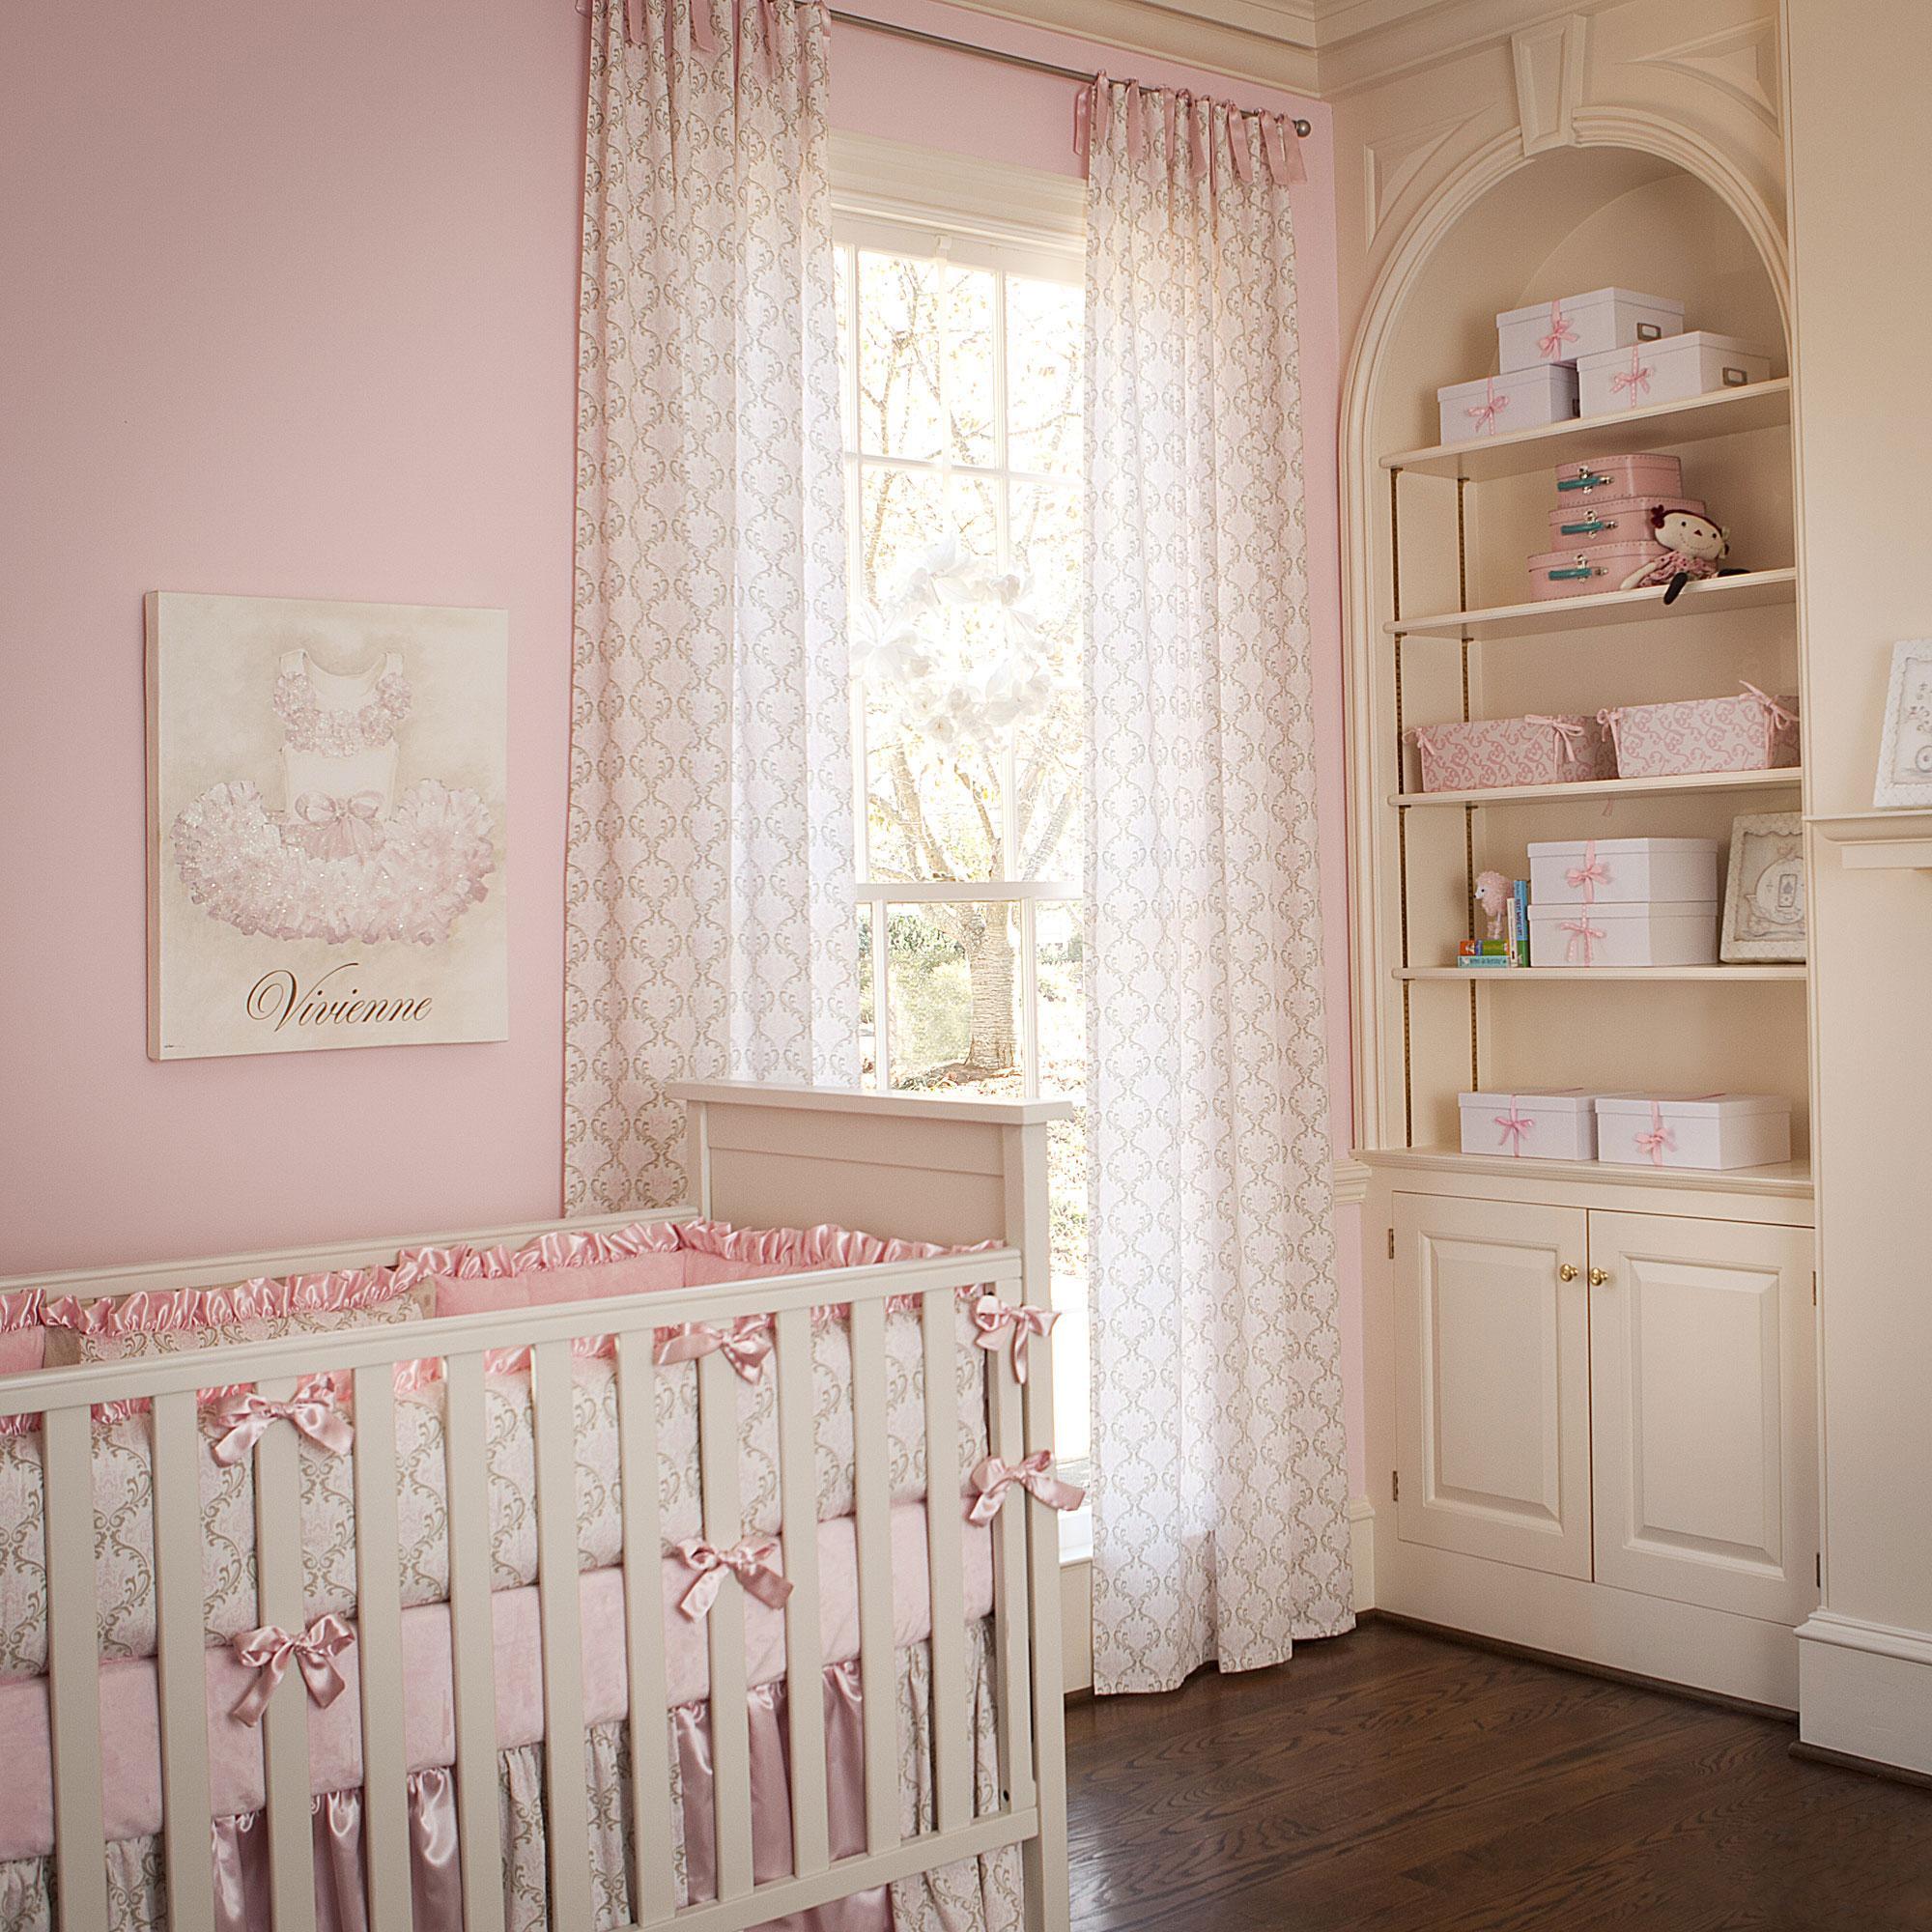 Дизайн штор для детской комнаты прямых